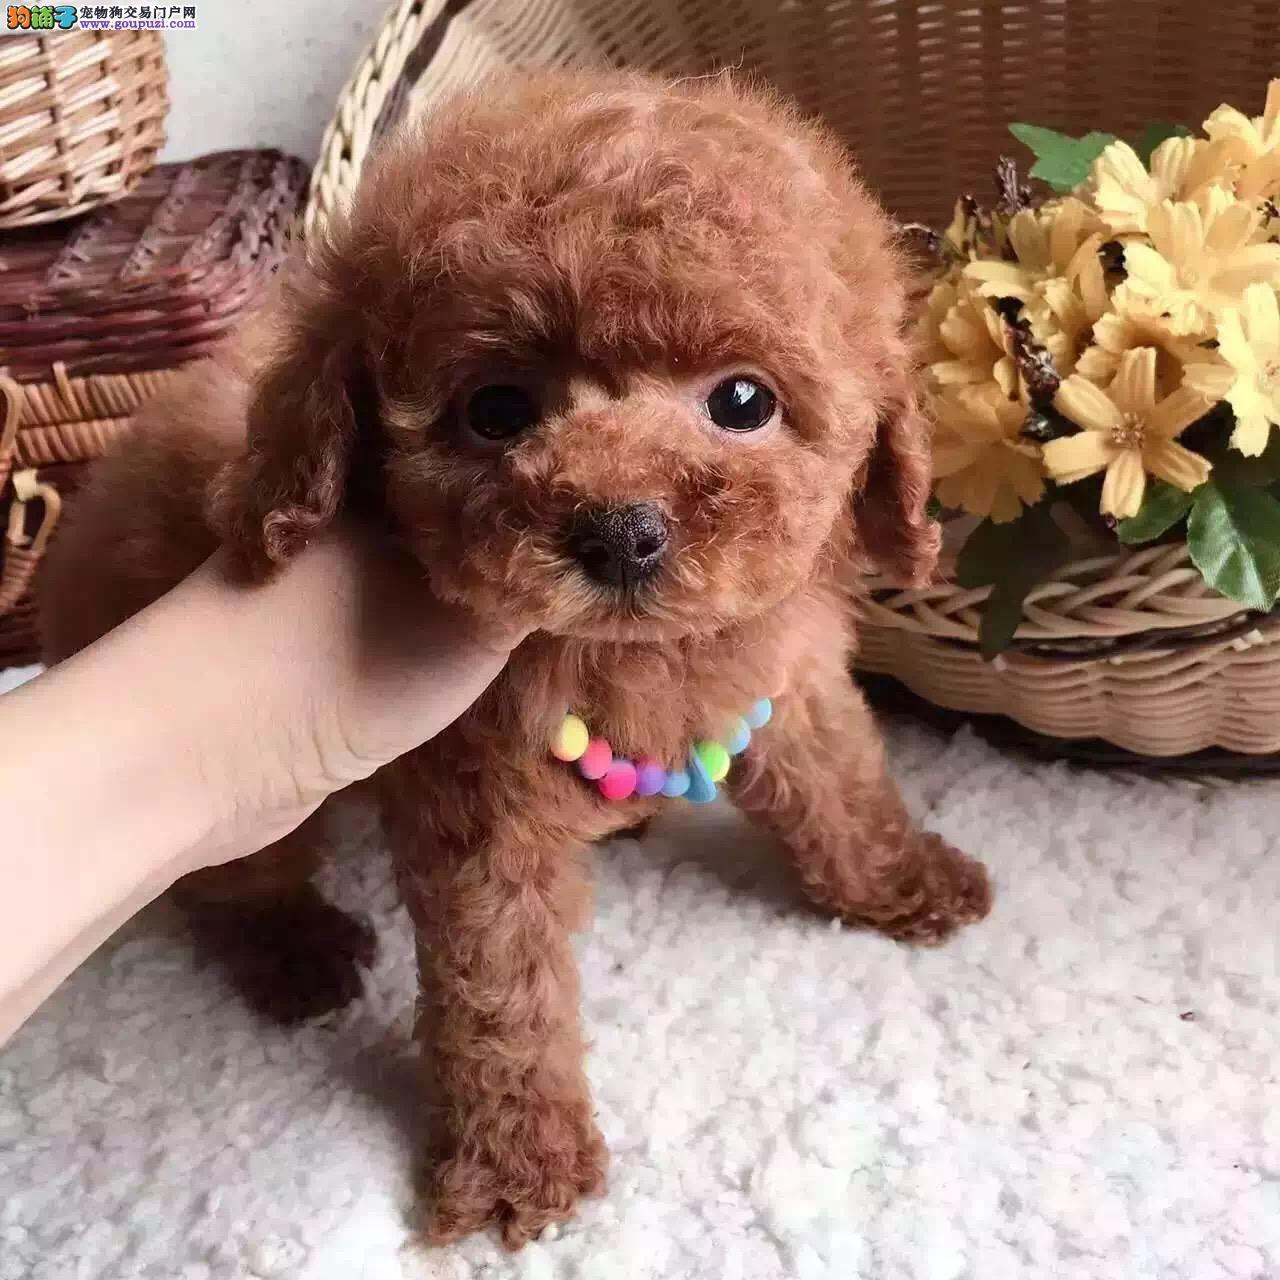 大连哪里有卖泰迪犬 纯种玩具小体泰迪多少钱 灰色泰迪